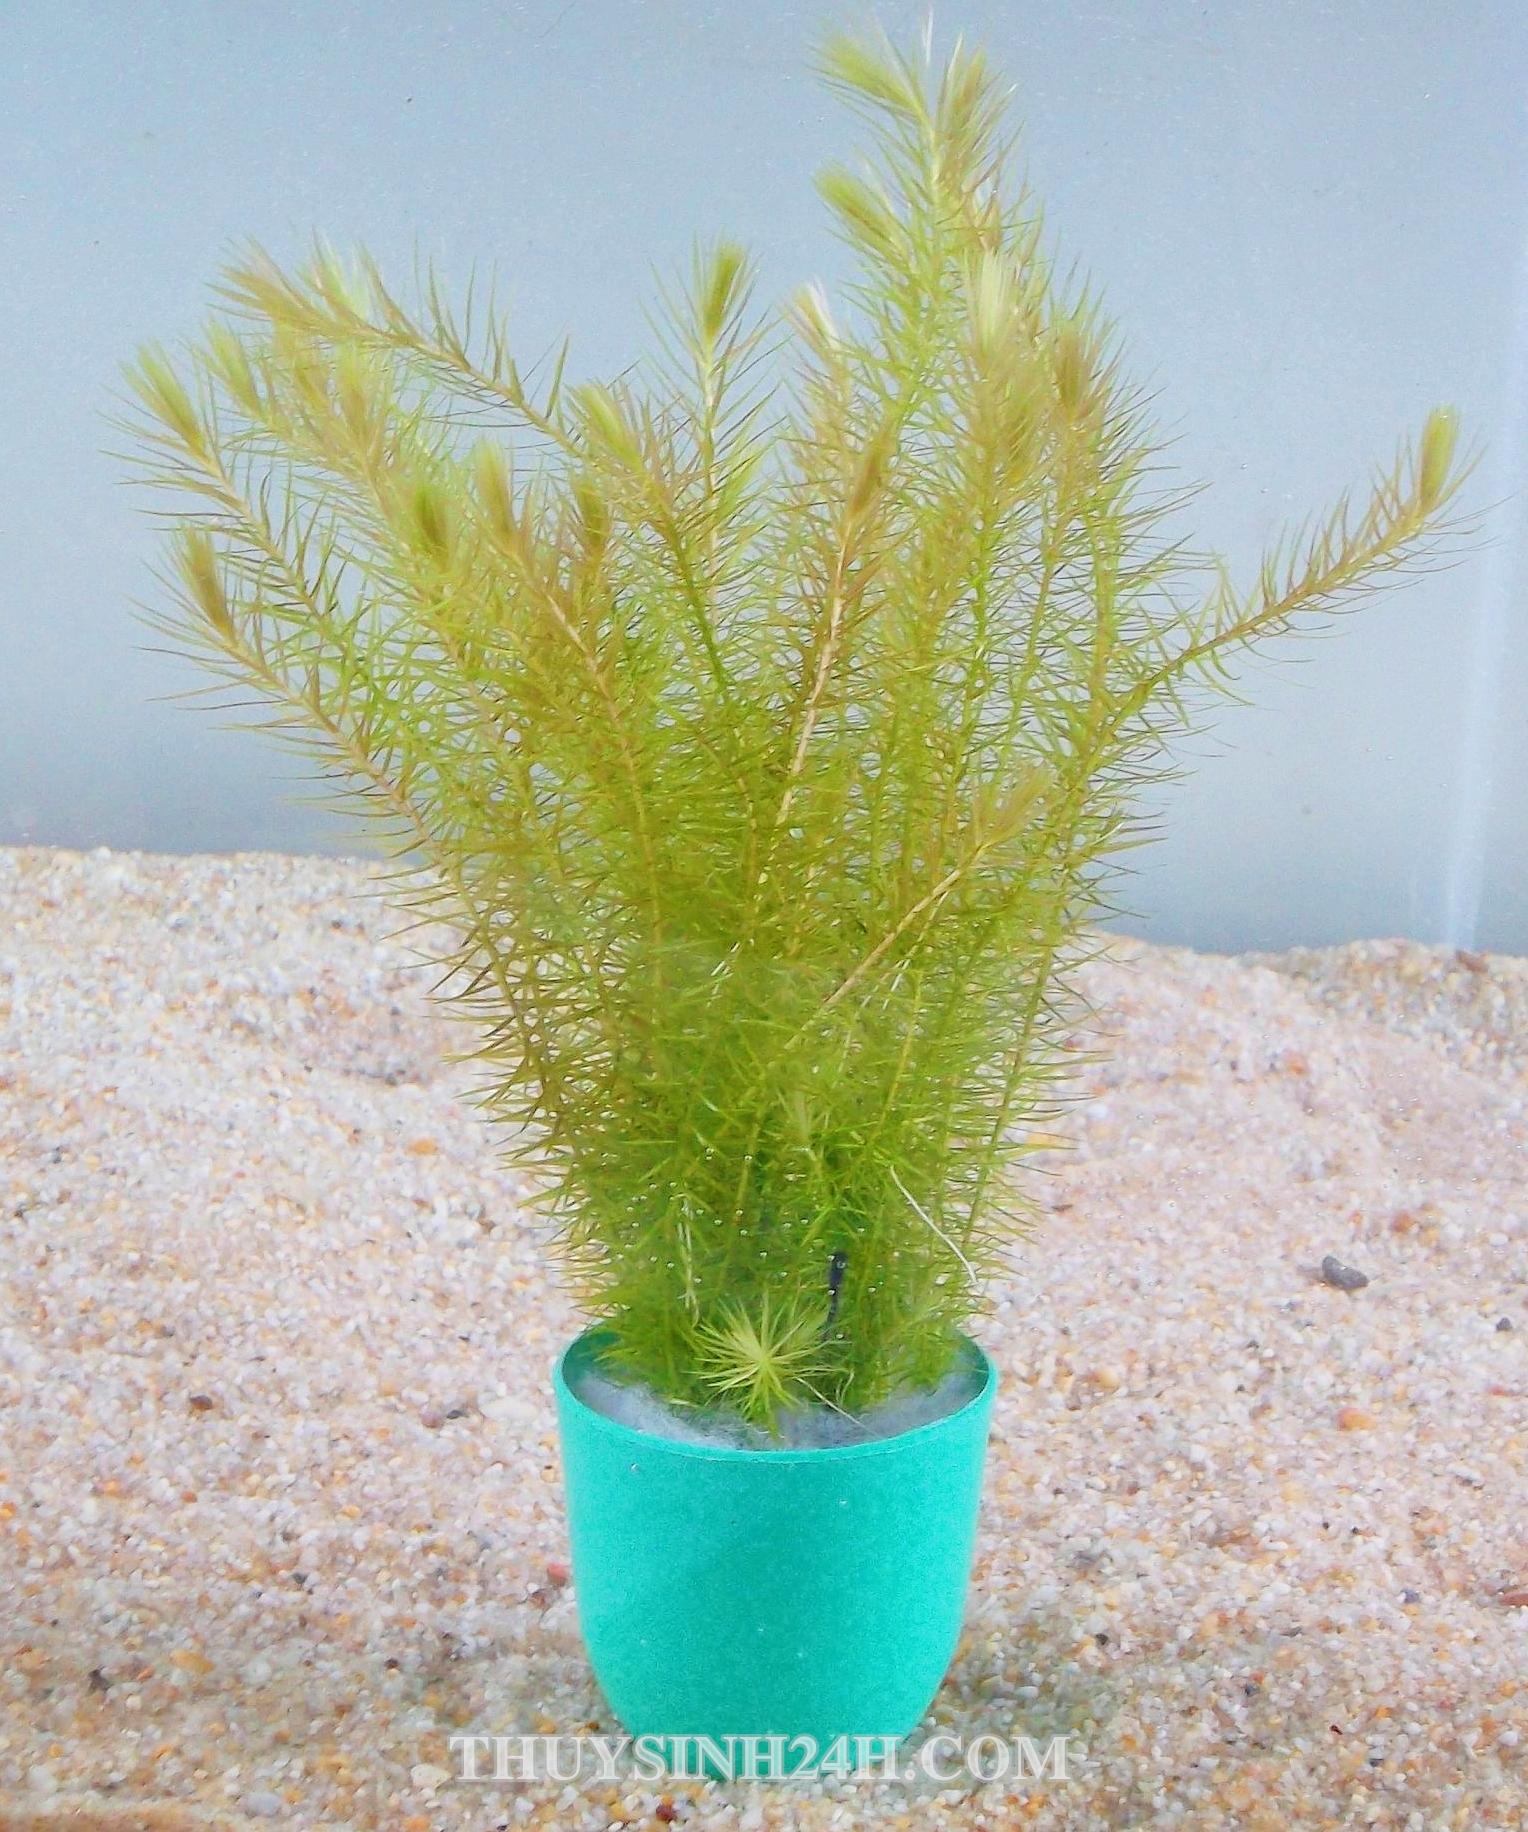 CỎ ĐẦU BẠC - BẠC ĐẦU BÔNG - Mayaca fluviatilis